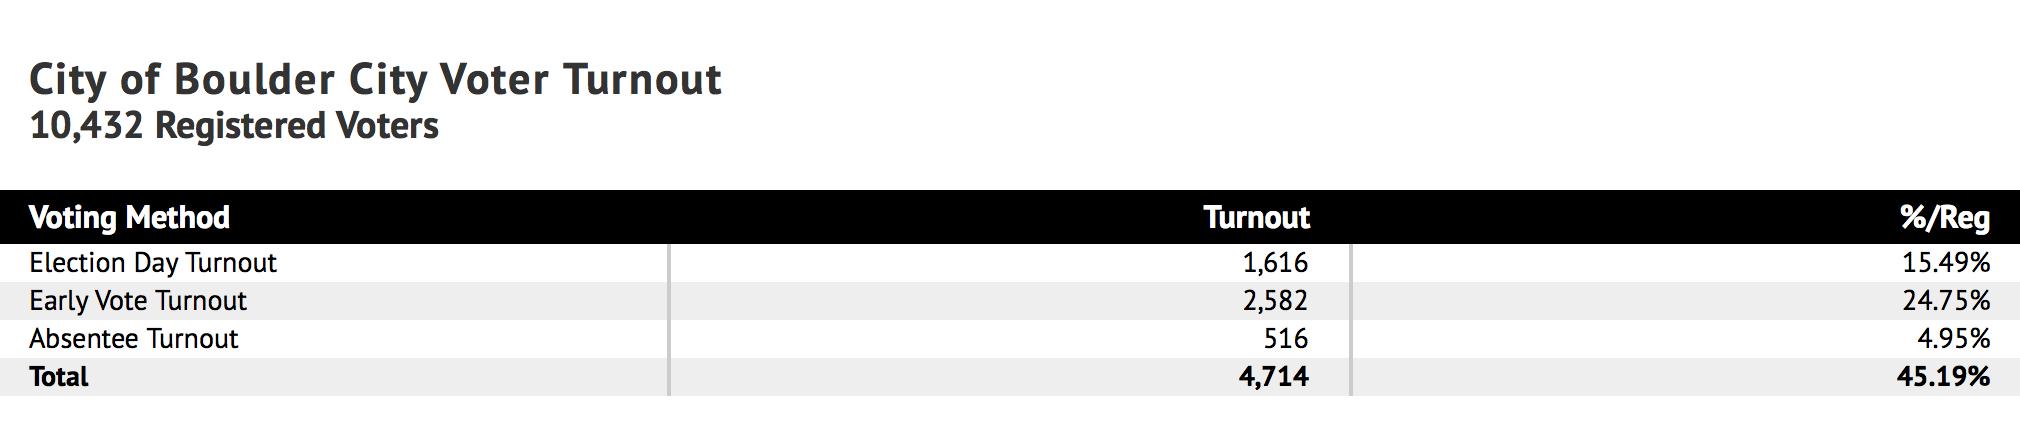 Boulder City Voter Turnout Stats 2019